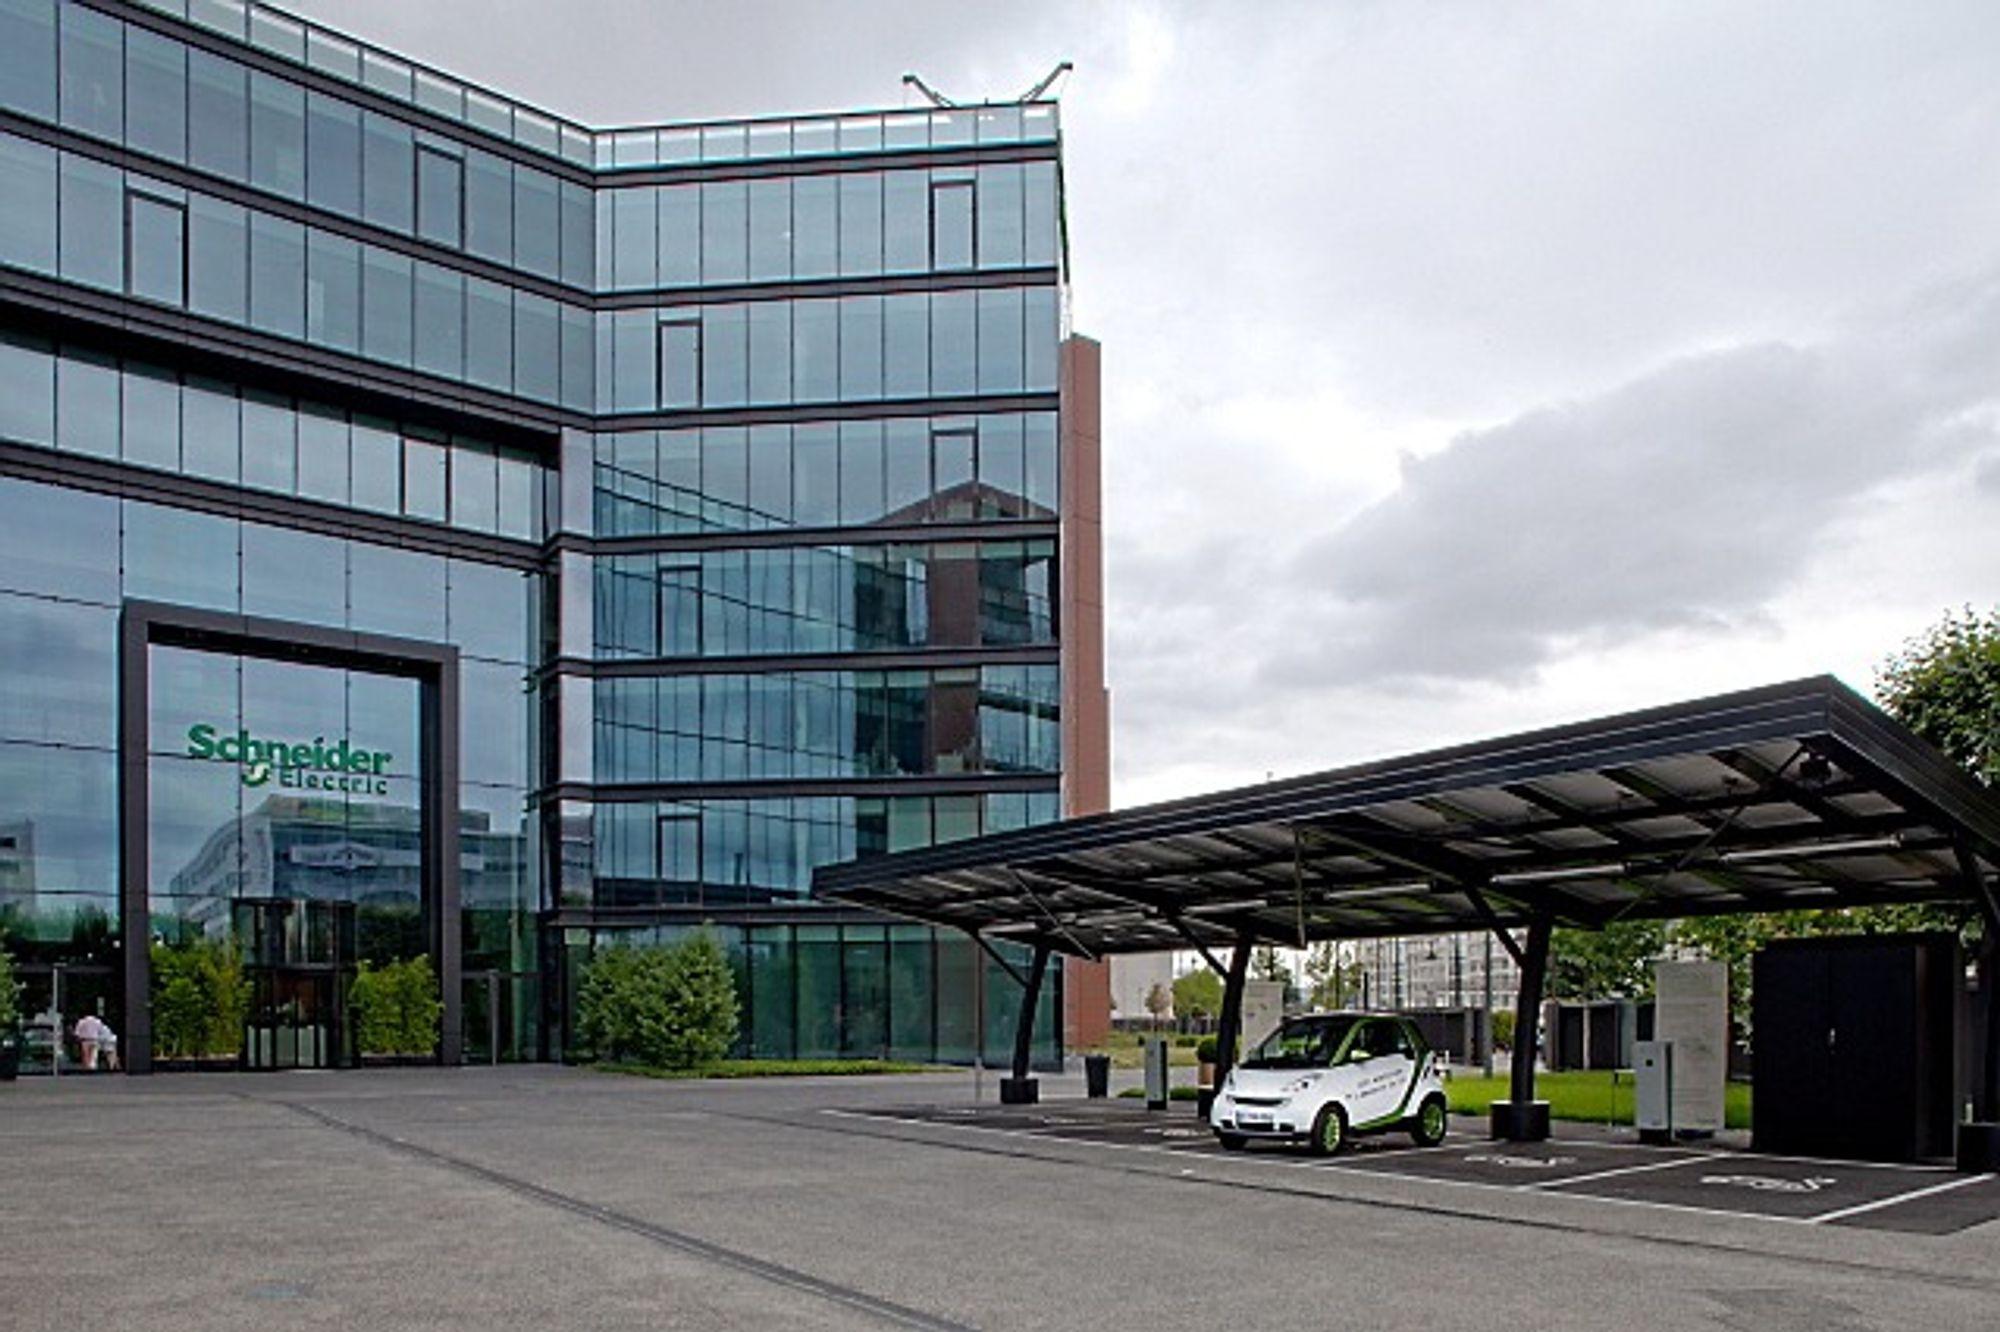 Schneider hovedkontor i Paris, The Hive, skilter med lavt energiforbruk, noe som bidro til å sende selskapet høyt opp på bærekraftrankingen.